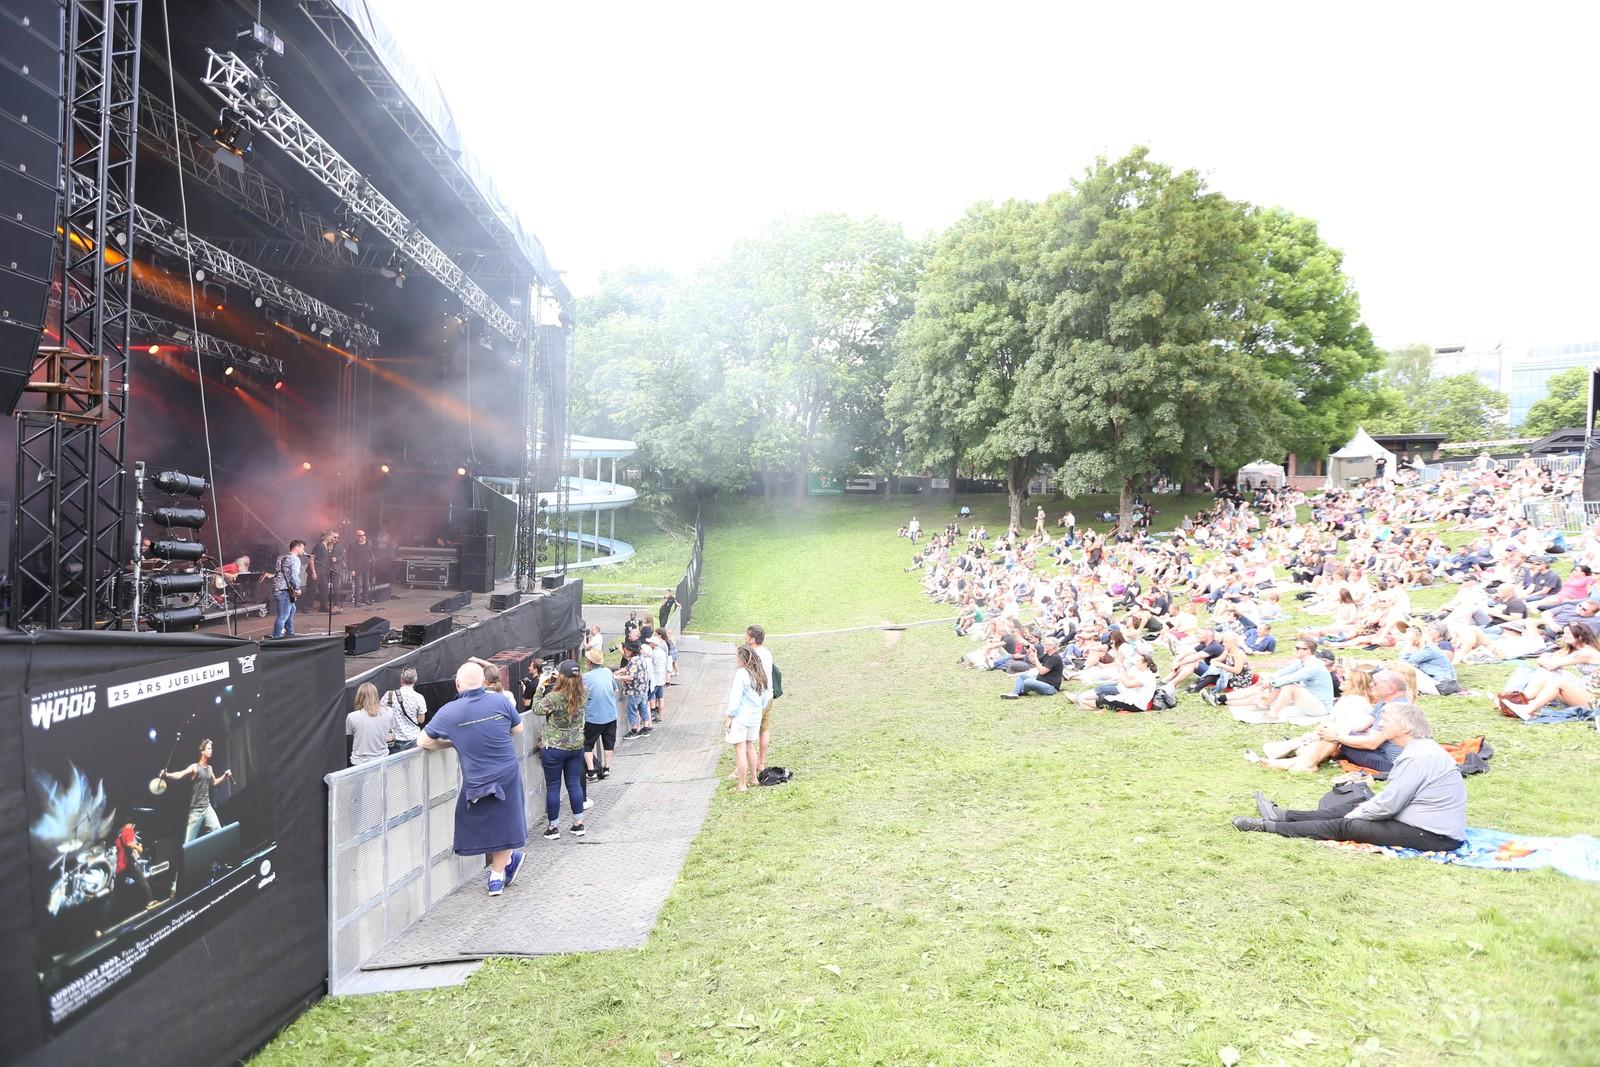 Norwegian Wood er tilbake i Frognerbardet. I år er det 25-årsjubileum og det er berre norske artistar som står på scenen under festivalen.